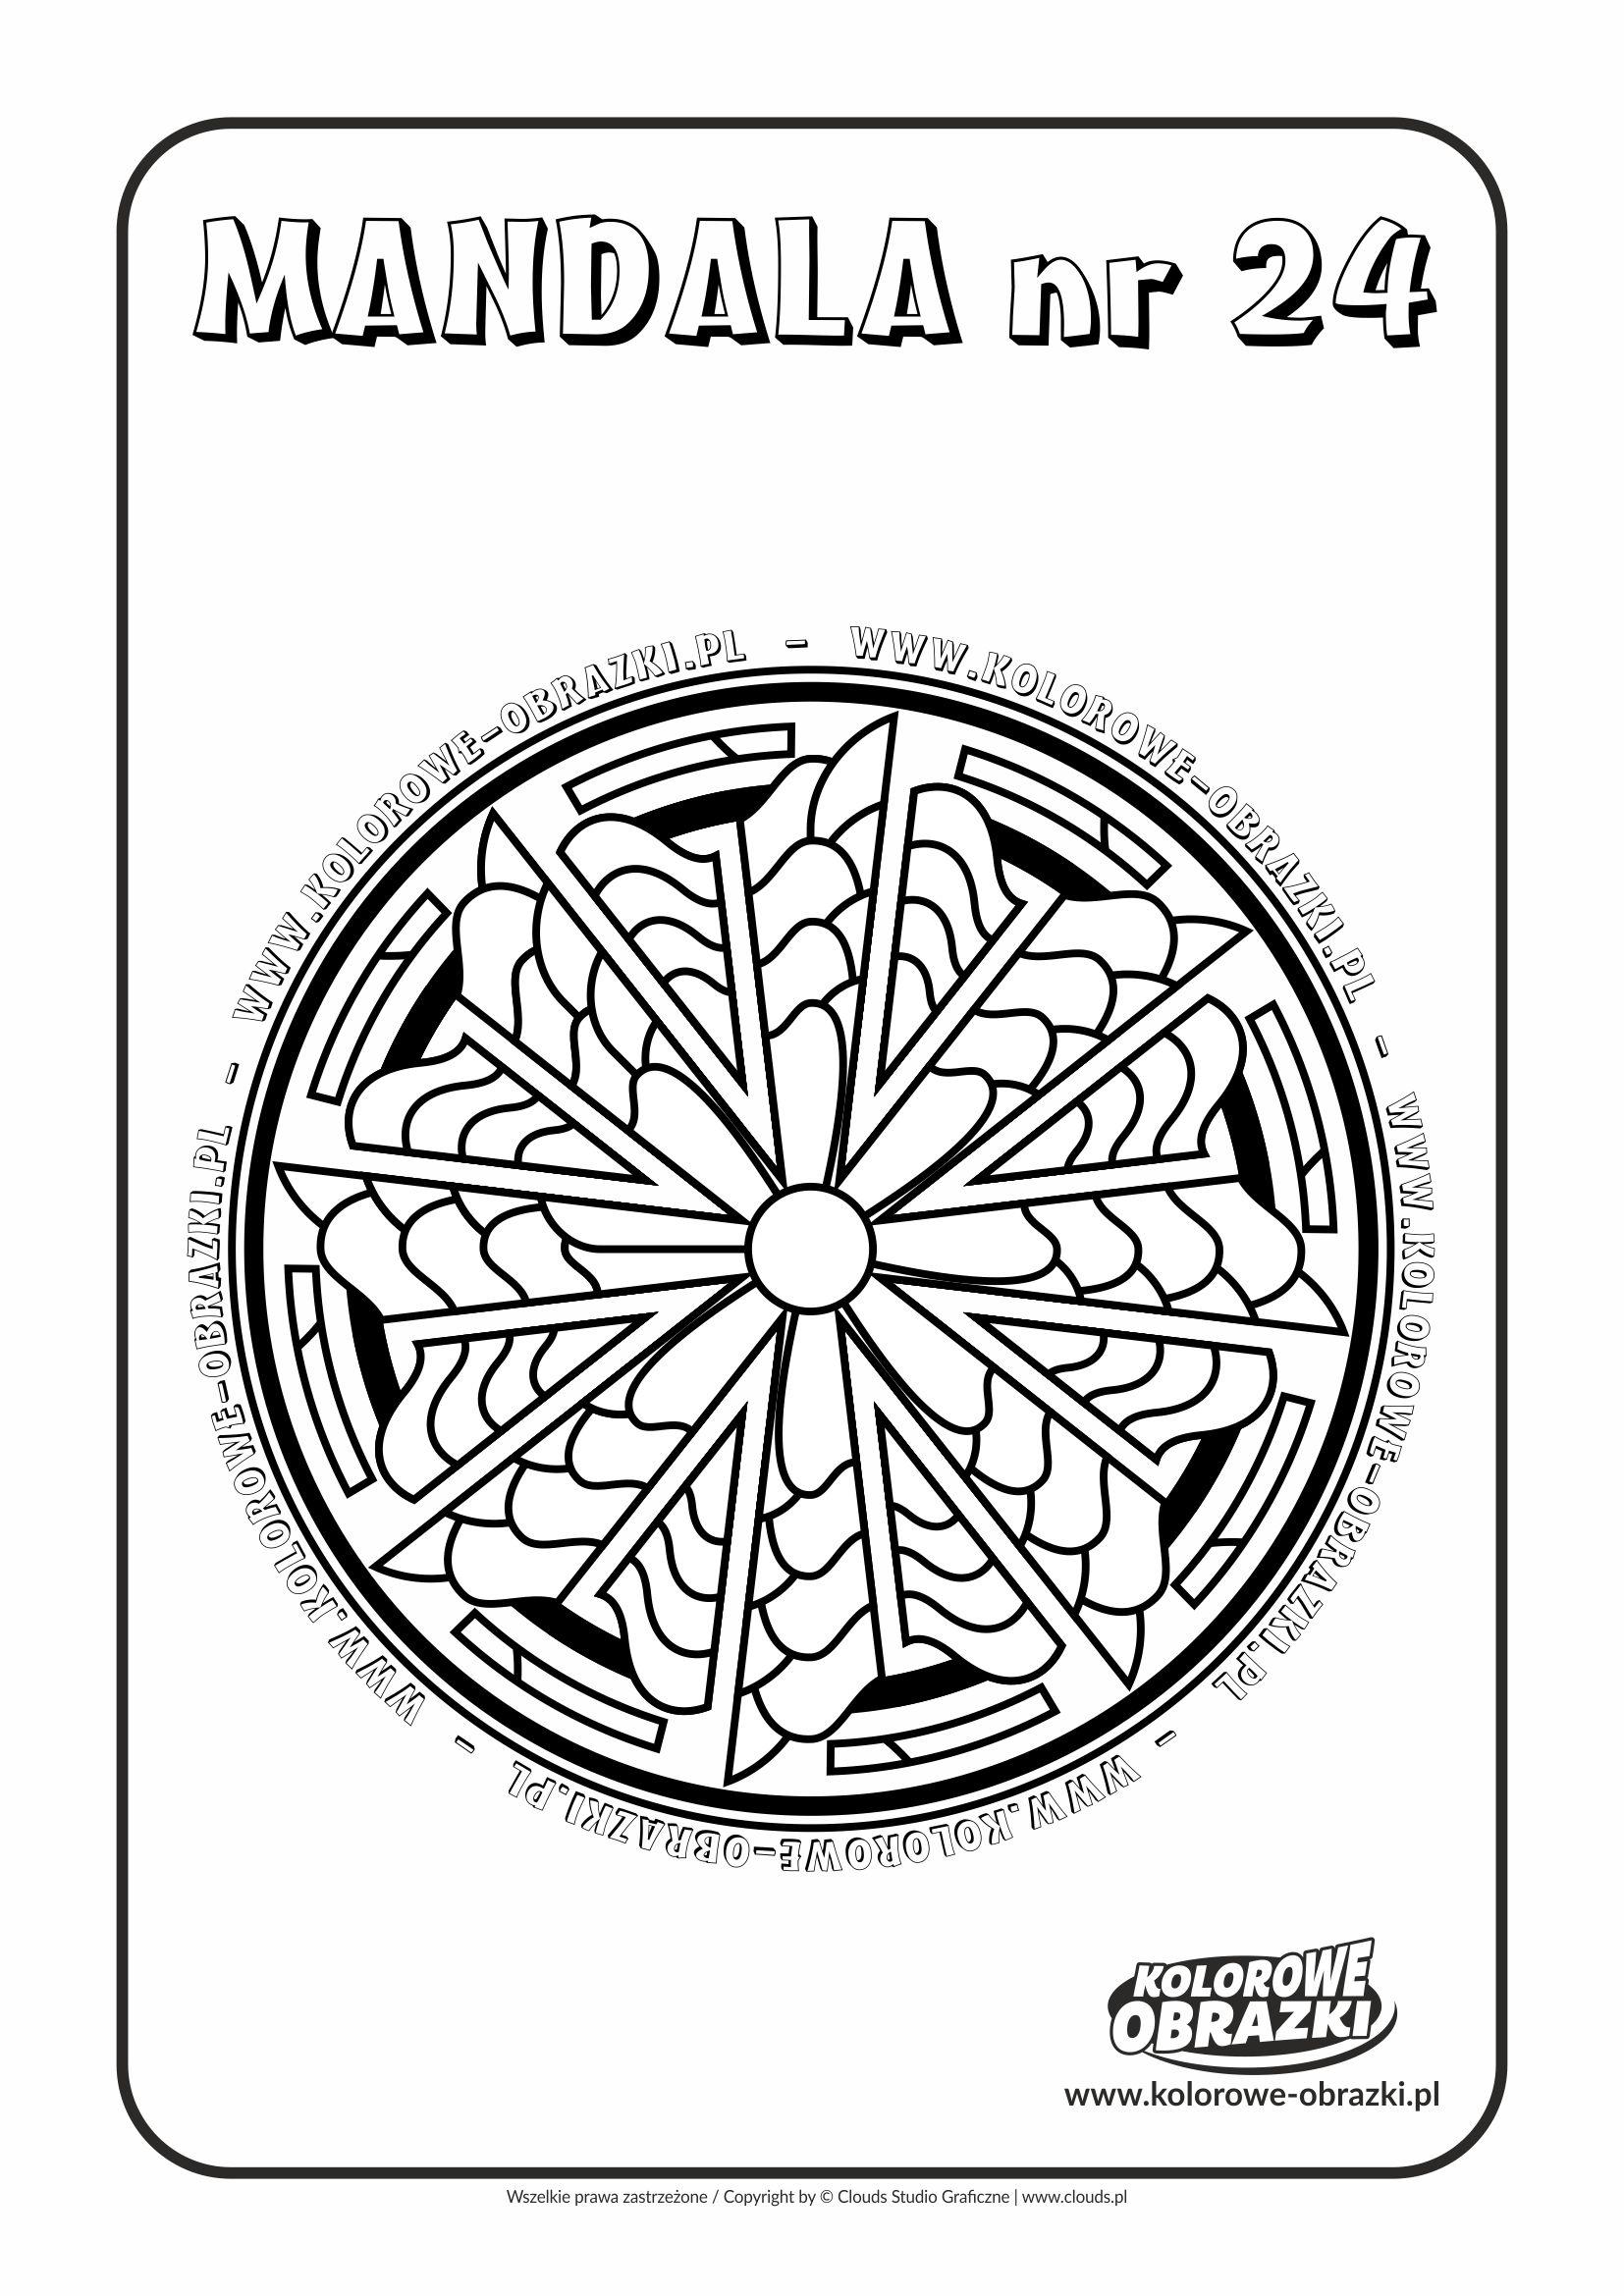 Kolorowanki dla dzieci - Mandale / Mandala nr 24. Kolorowanka z mandalą